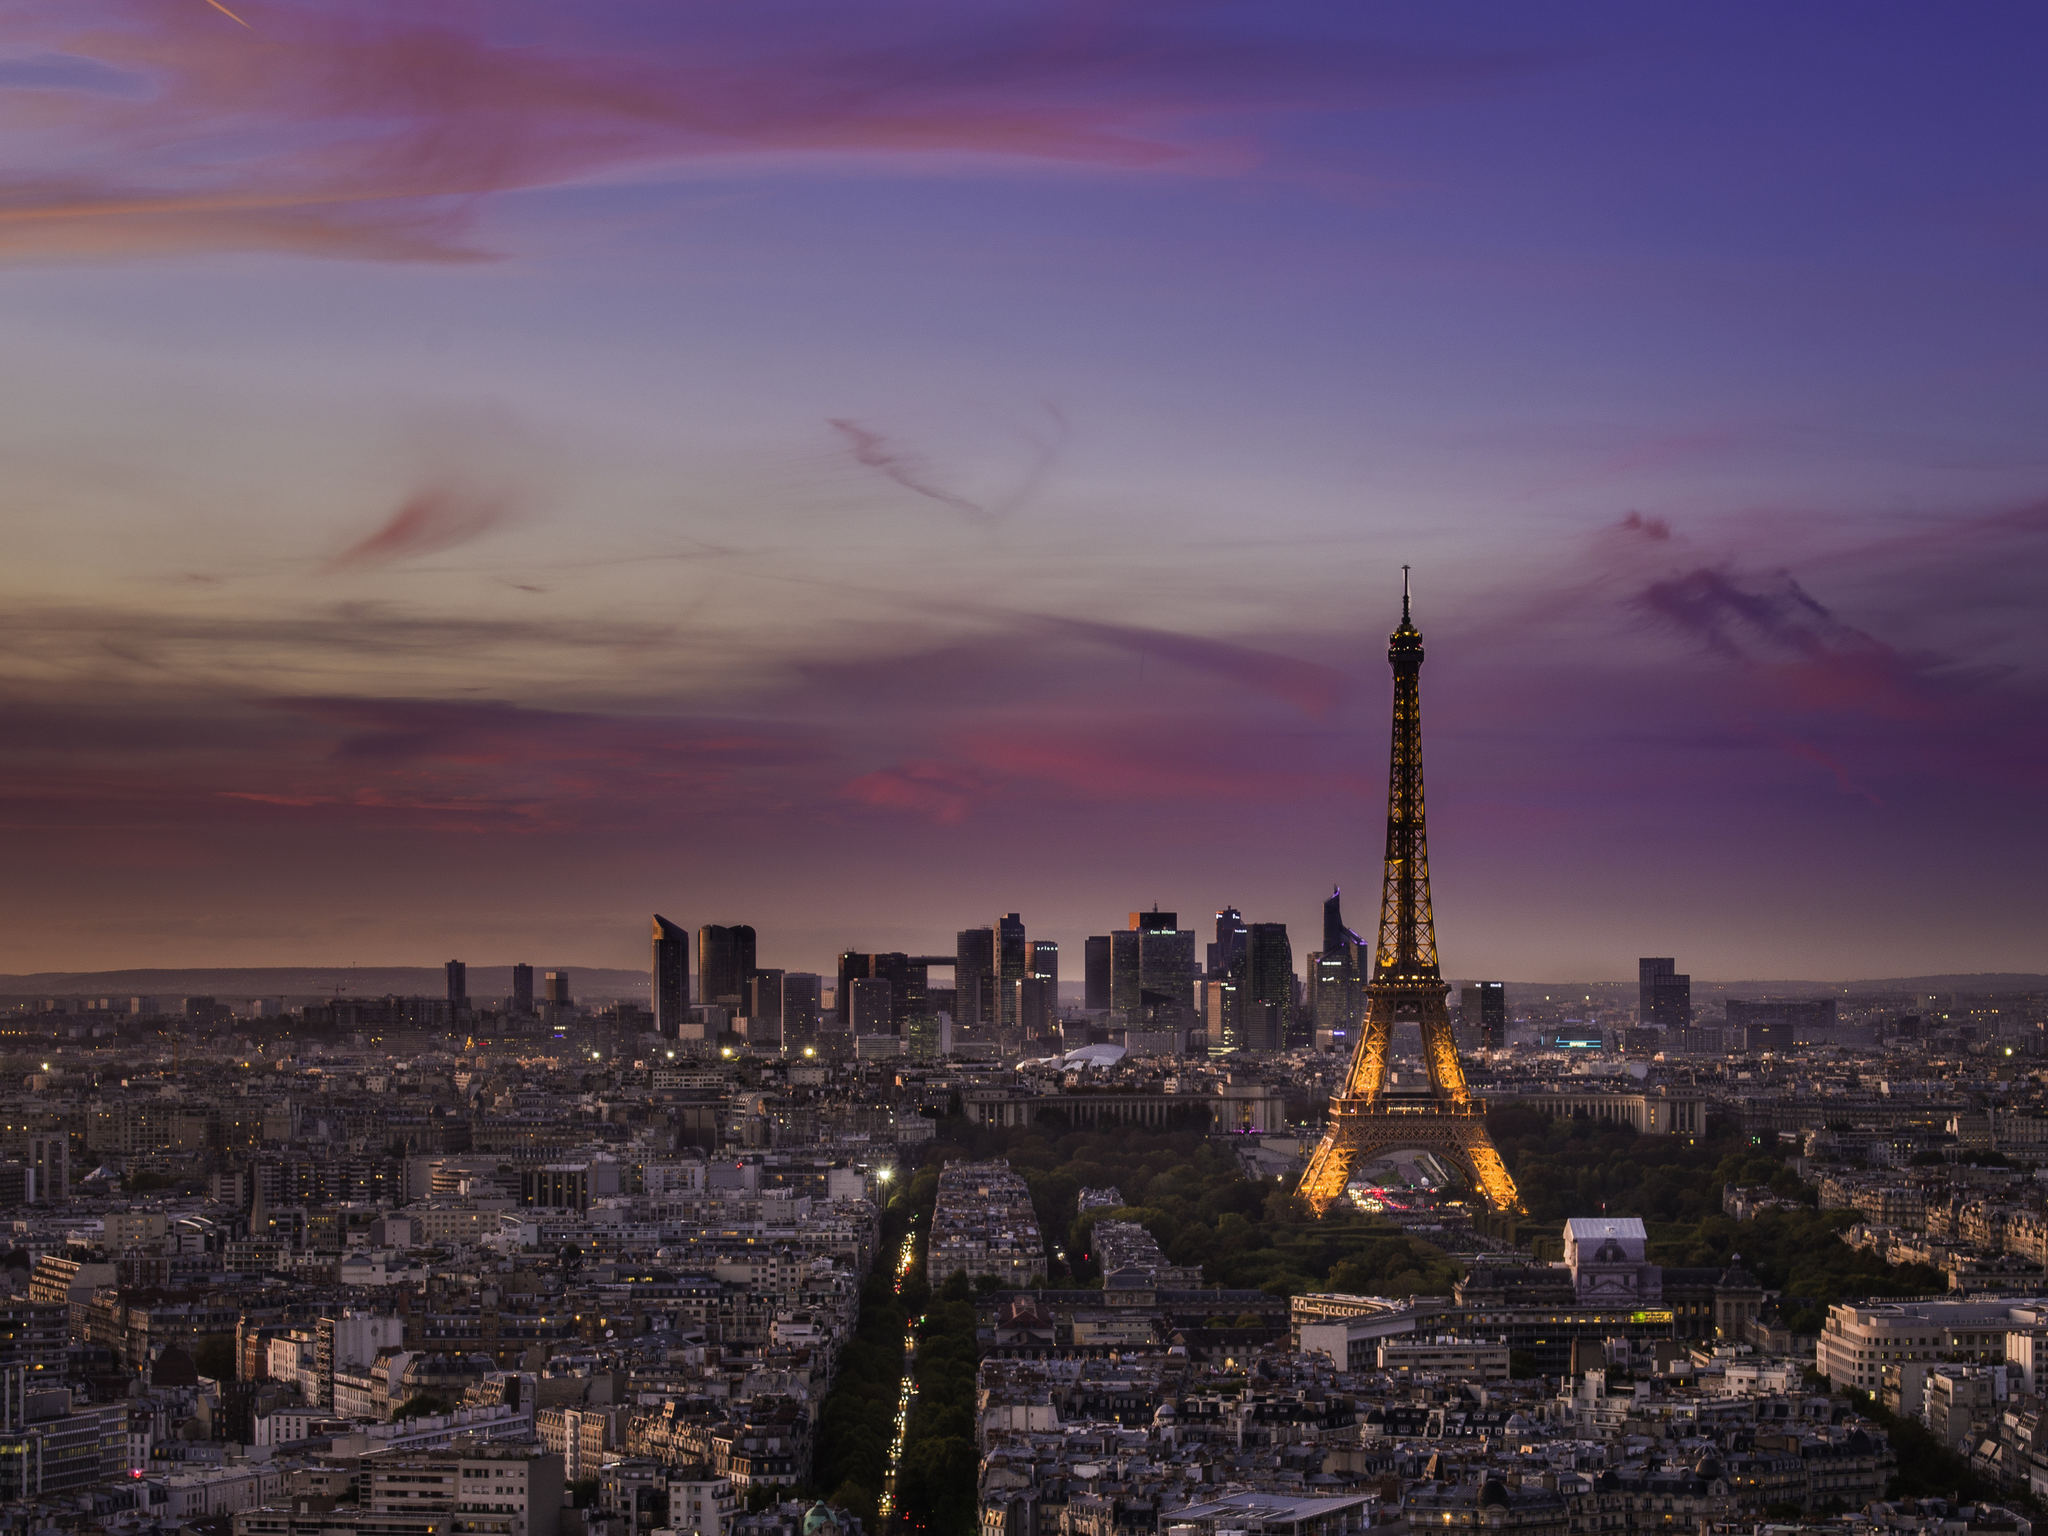 酒店 – 铂尔曼巴黎蒙帕纳斯酒店 - 2019 年 8 月底之前暂停营业